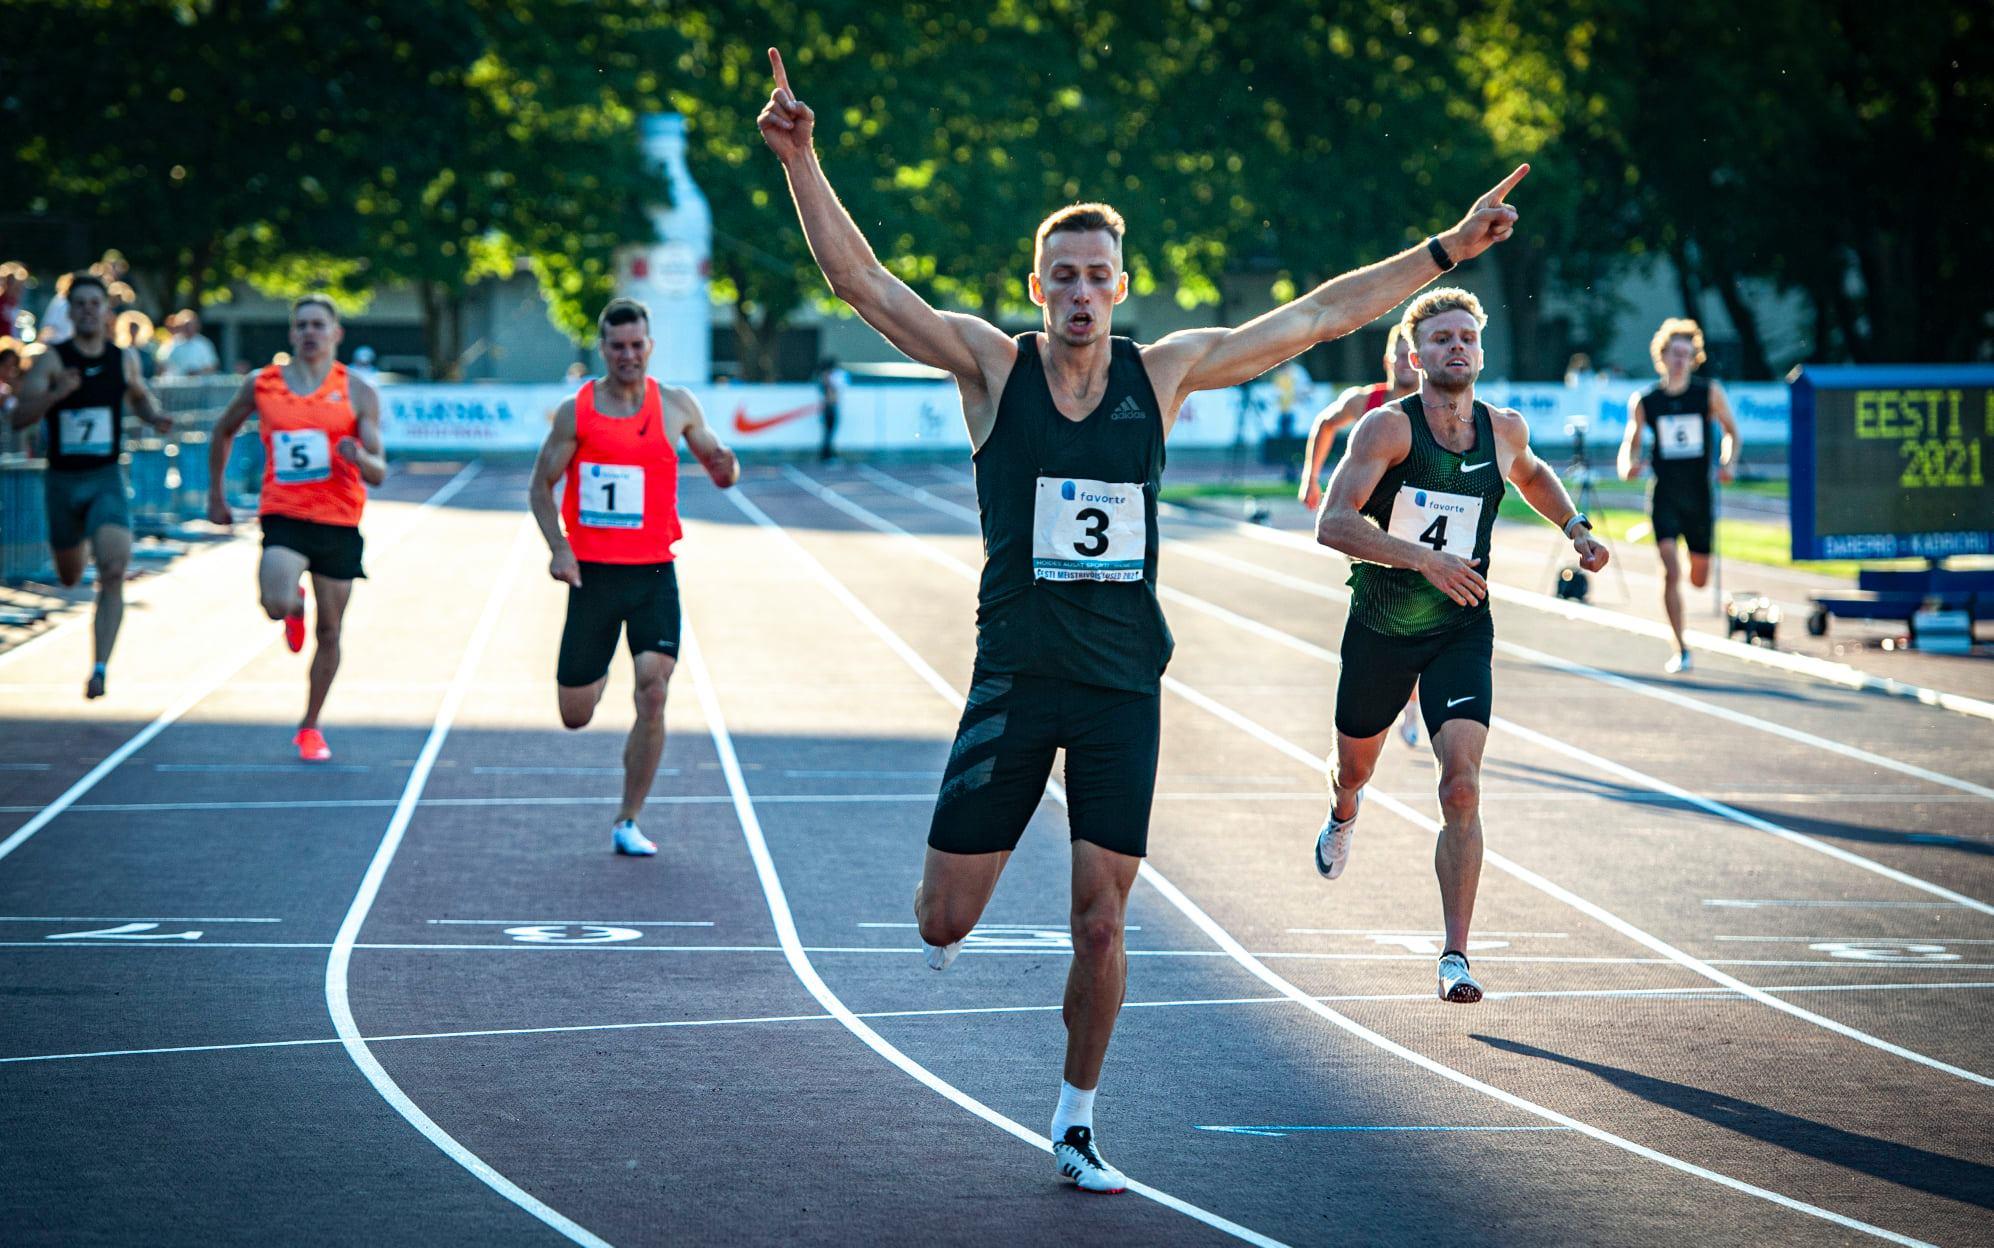 Kristjan Rosenberg uue isikliku rekordiga Eesti meister!